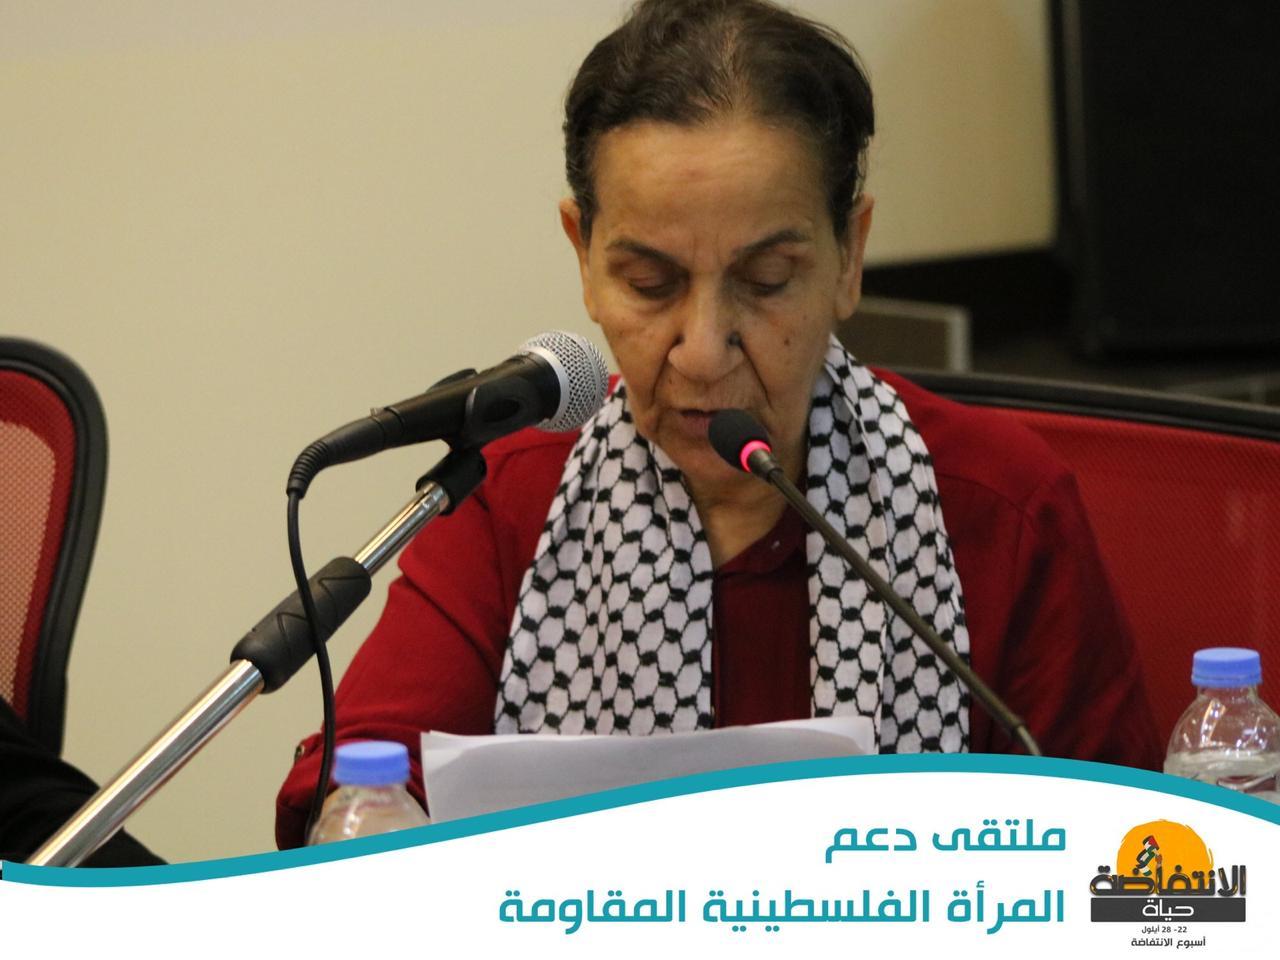 أم طارق: لا نقبل باستبدال فلسطين بأي بلد آخر